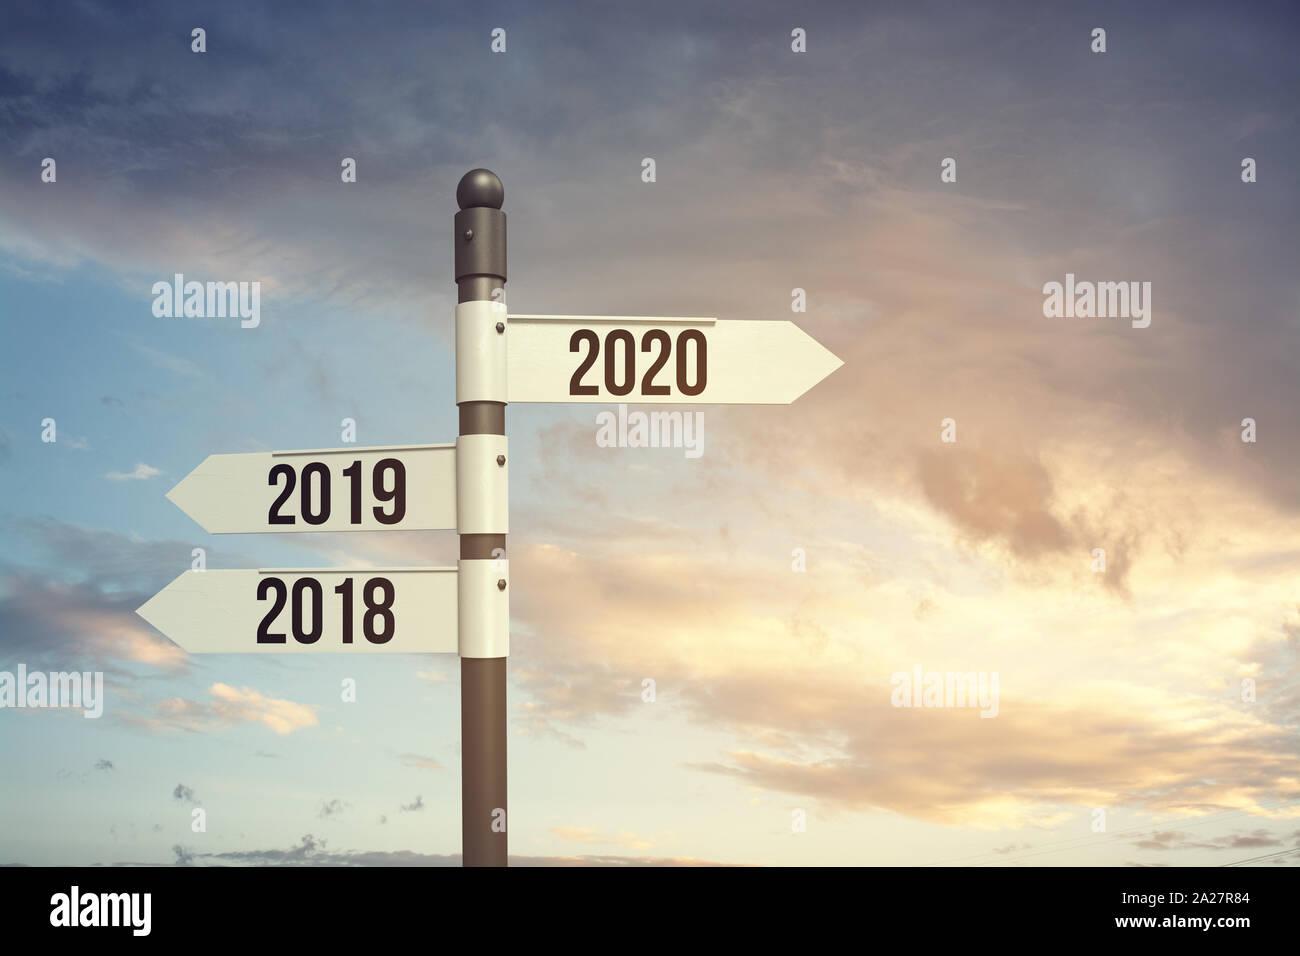 2020 nuovo inizio, nuova speranza, nuovo inizio con il nuovo anno Foto  stock - Alamy